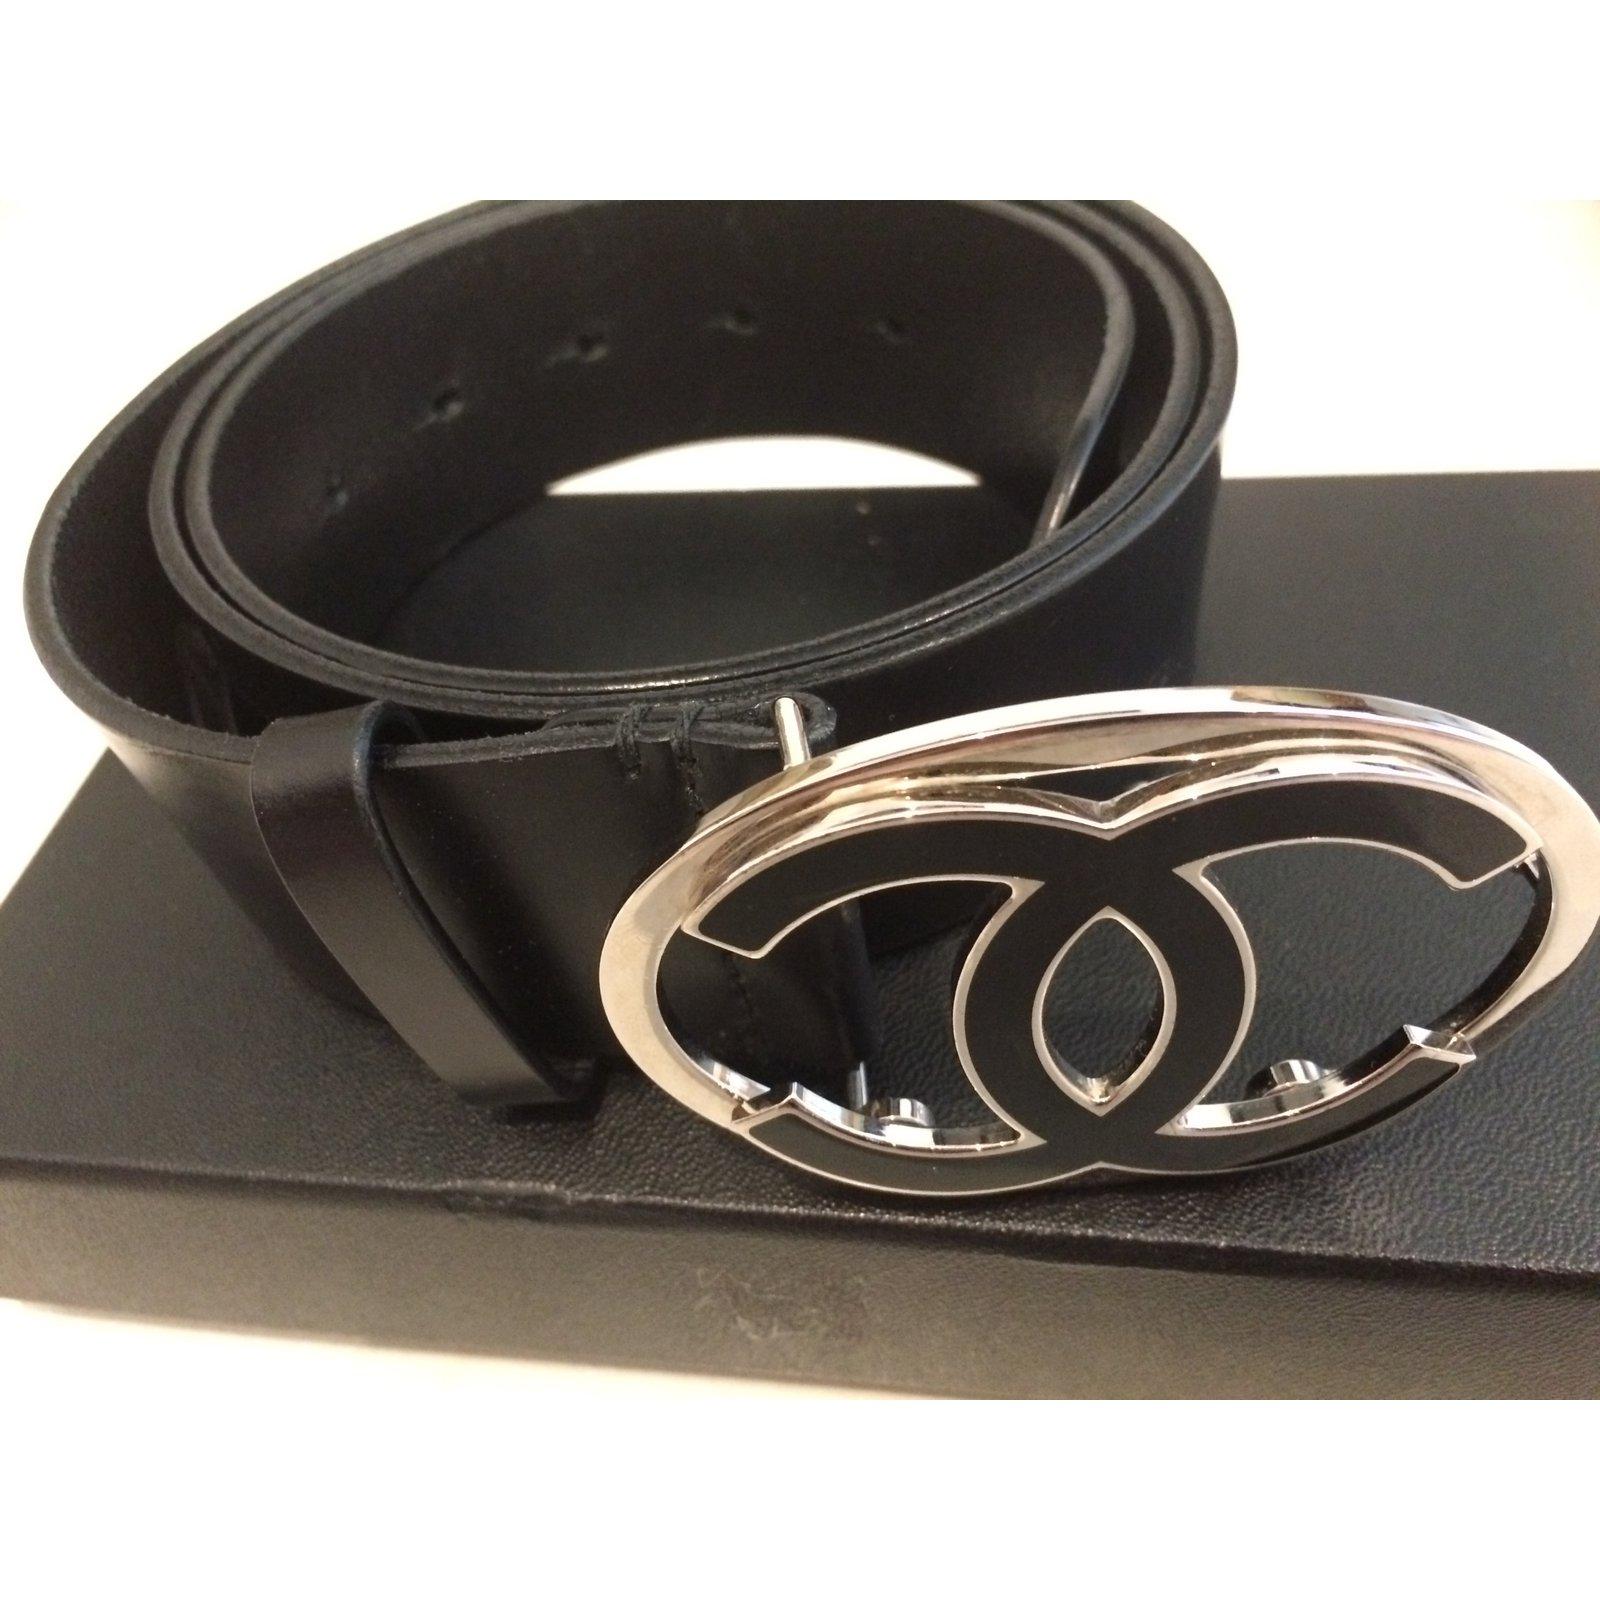 Meilleures offres mettre ceinture chanel,ceinture double ardillon ... 57937d2ef30